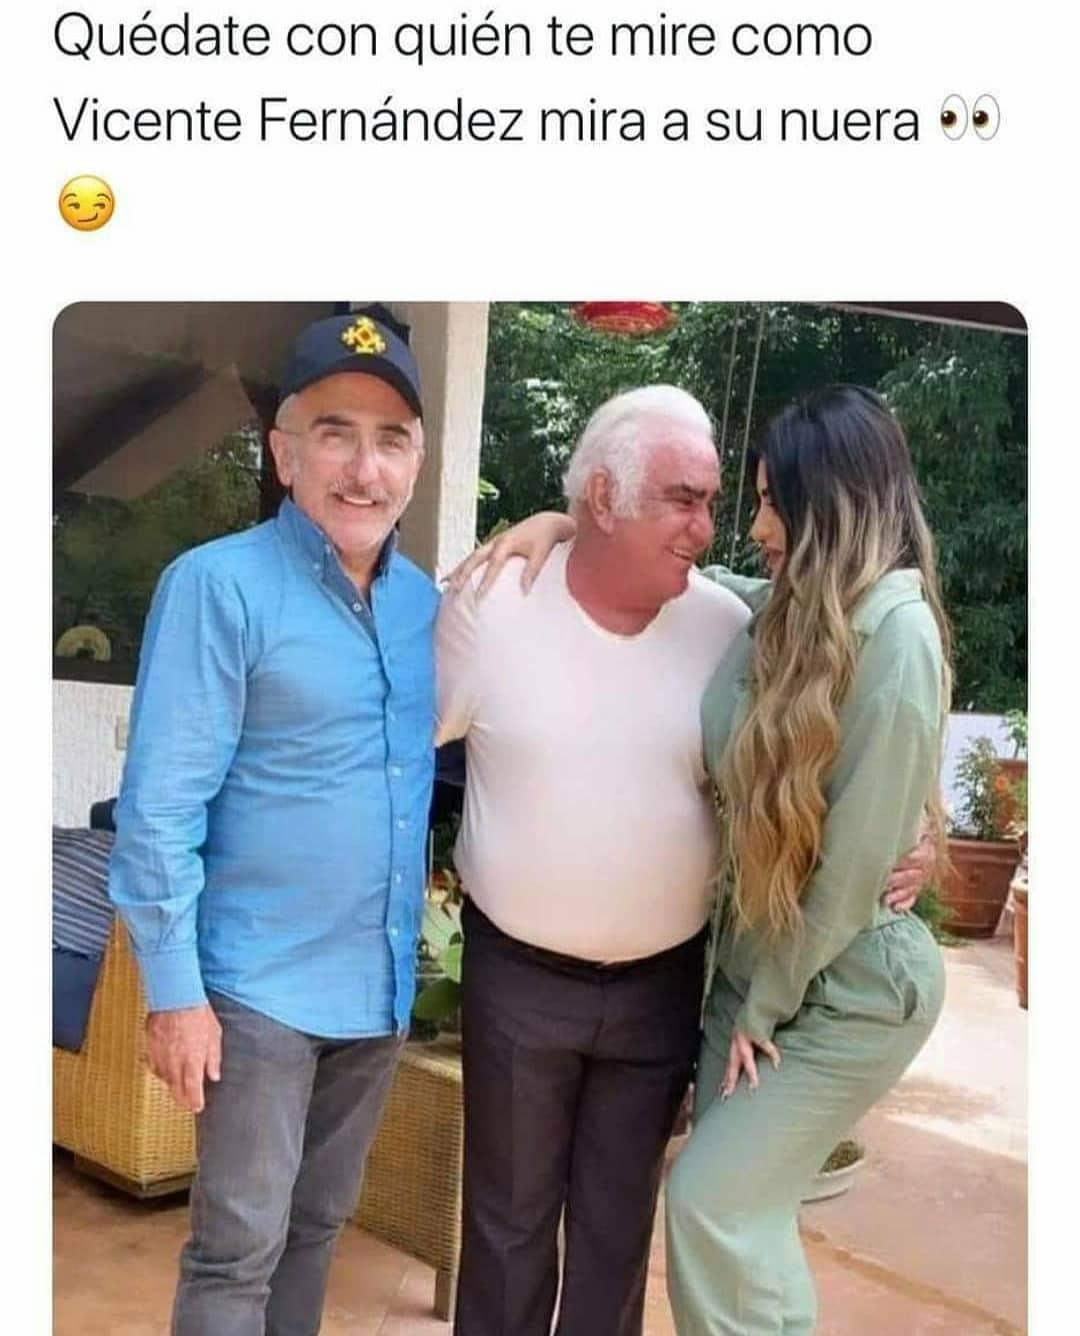 Quédate con quién te mire como Vicente Fernández mira a su nuera.